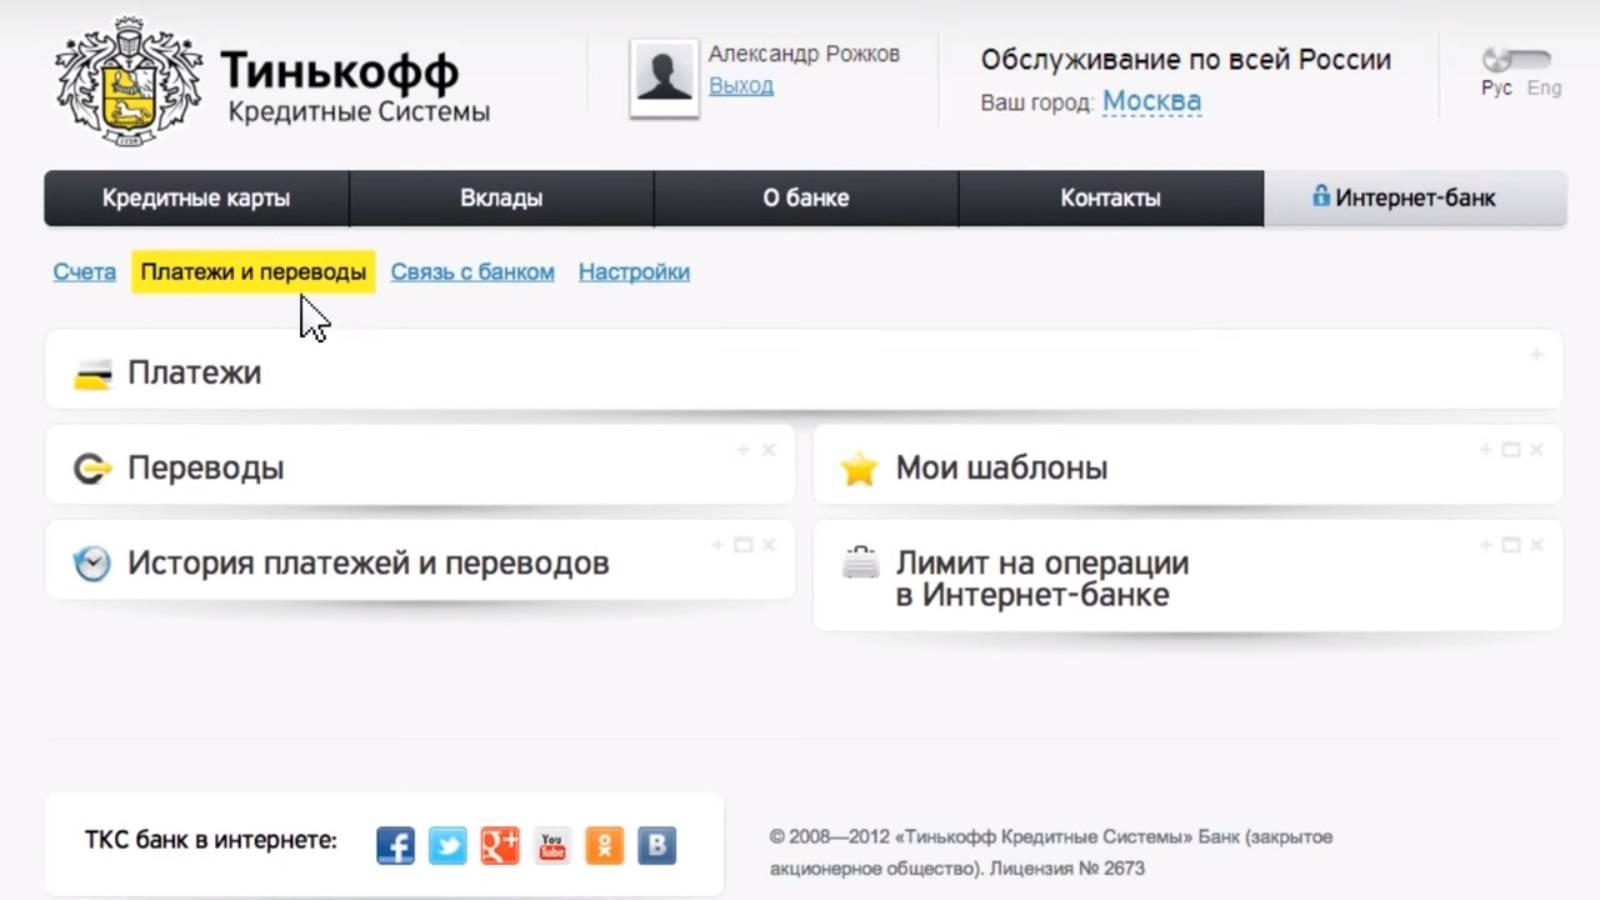 Сайт банка тинькофф кредитные системы